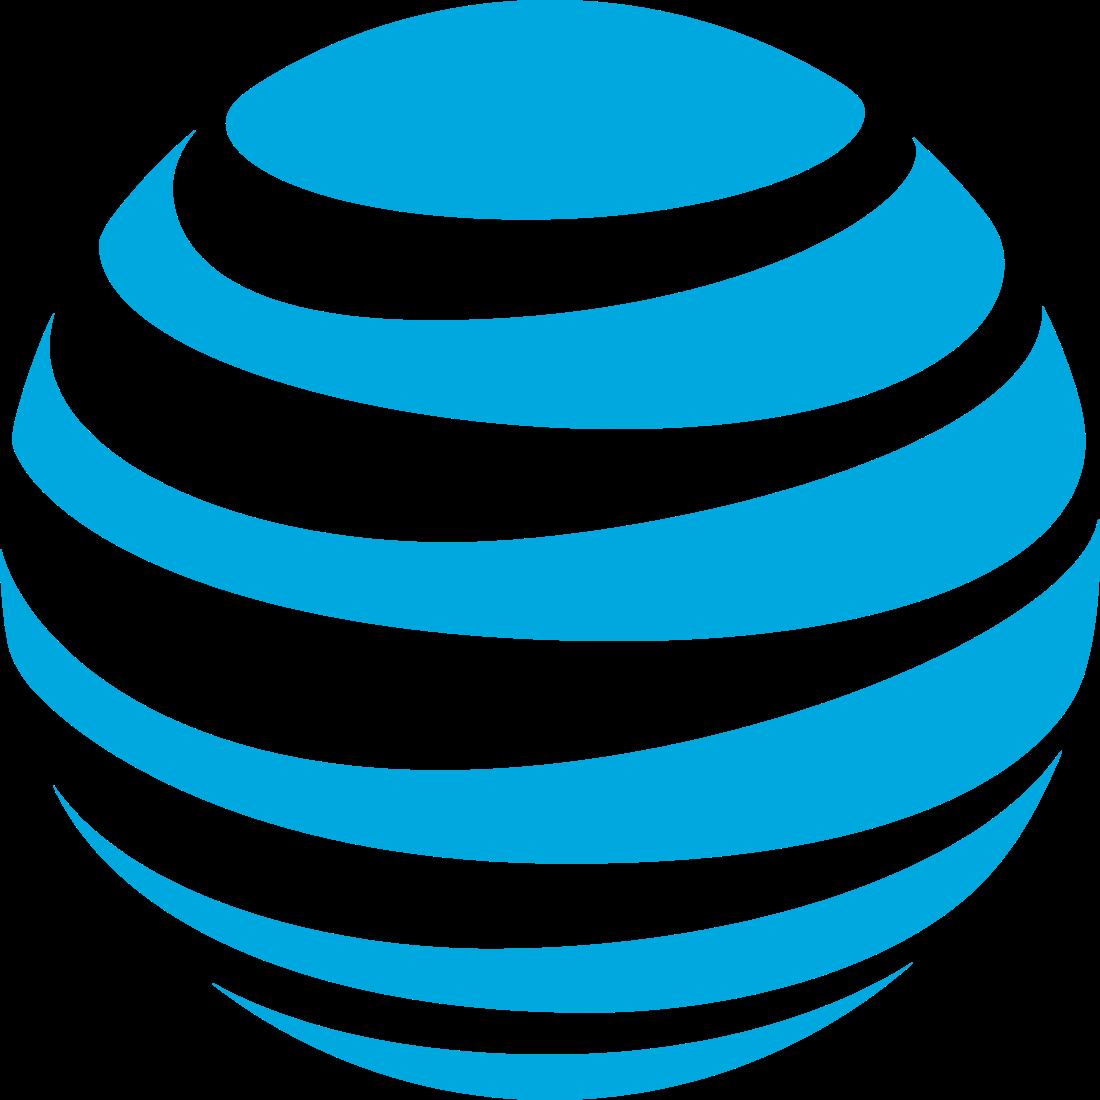 att logo 7 - AT&T Logo